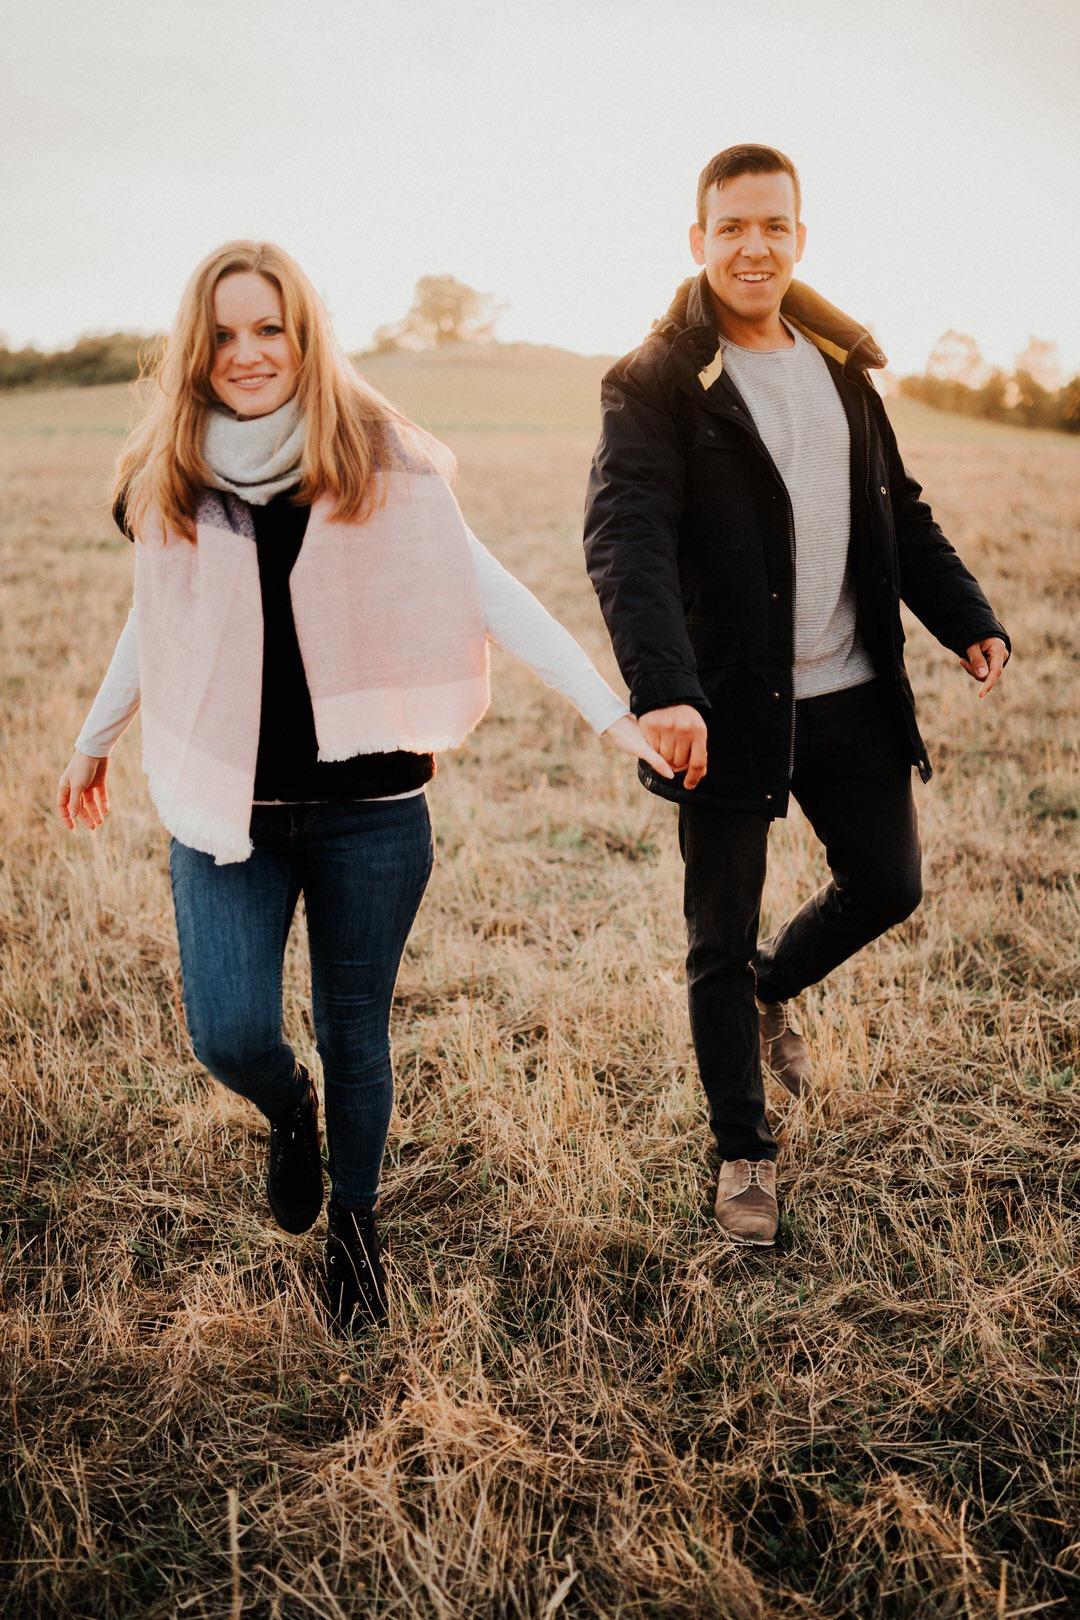 Ihr braucht Tipps für schöne Gesichtsausdrücke um euch auf das Paar-Shooting vorzubereiten? Mein bester Ratschlag ist: entspannt mit dem Gegenüber beschäftigen und versuchen, die Kamera auszublenden. Das bringt die entspanntesten und meiner Meinung nach schönsten Gesichtsausdrücke